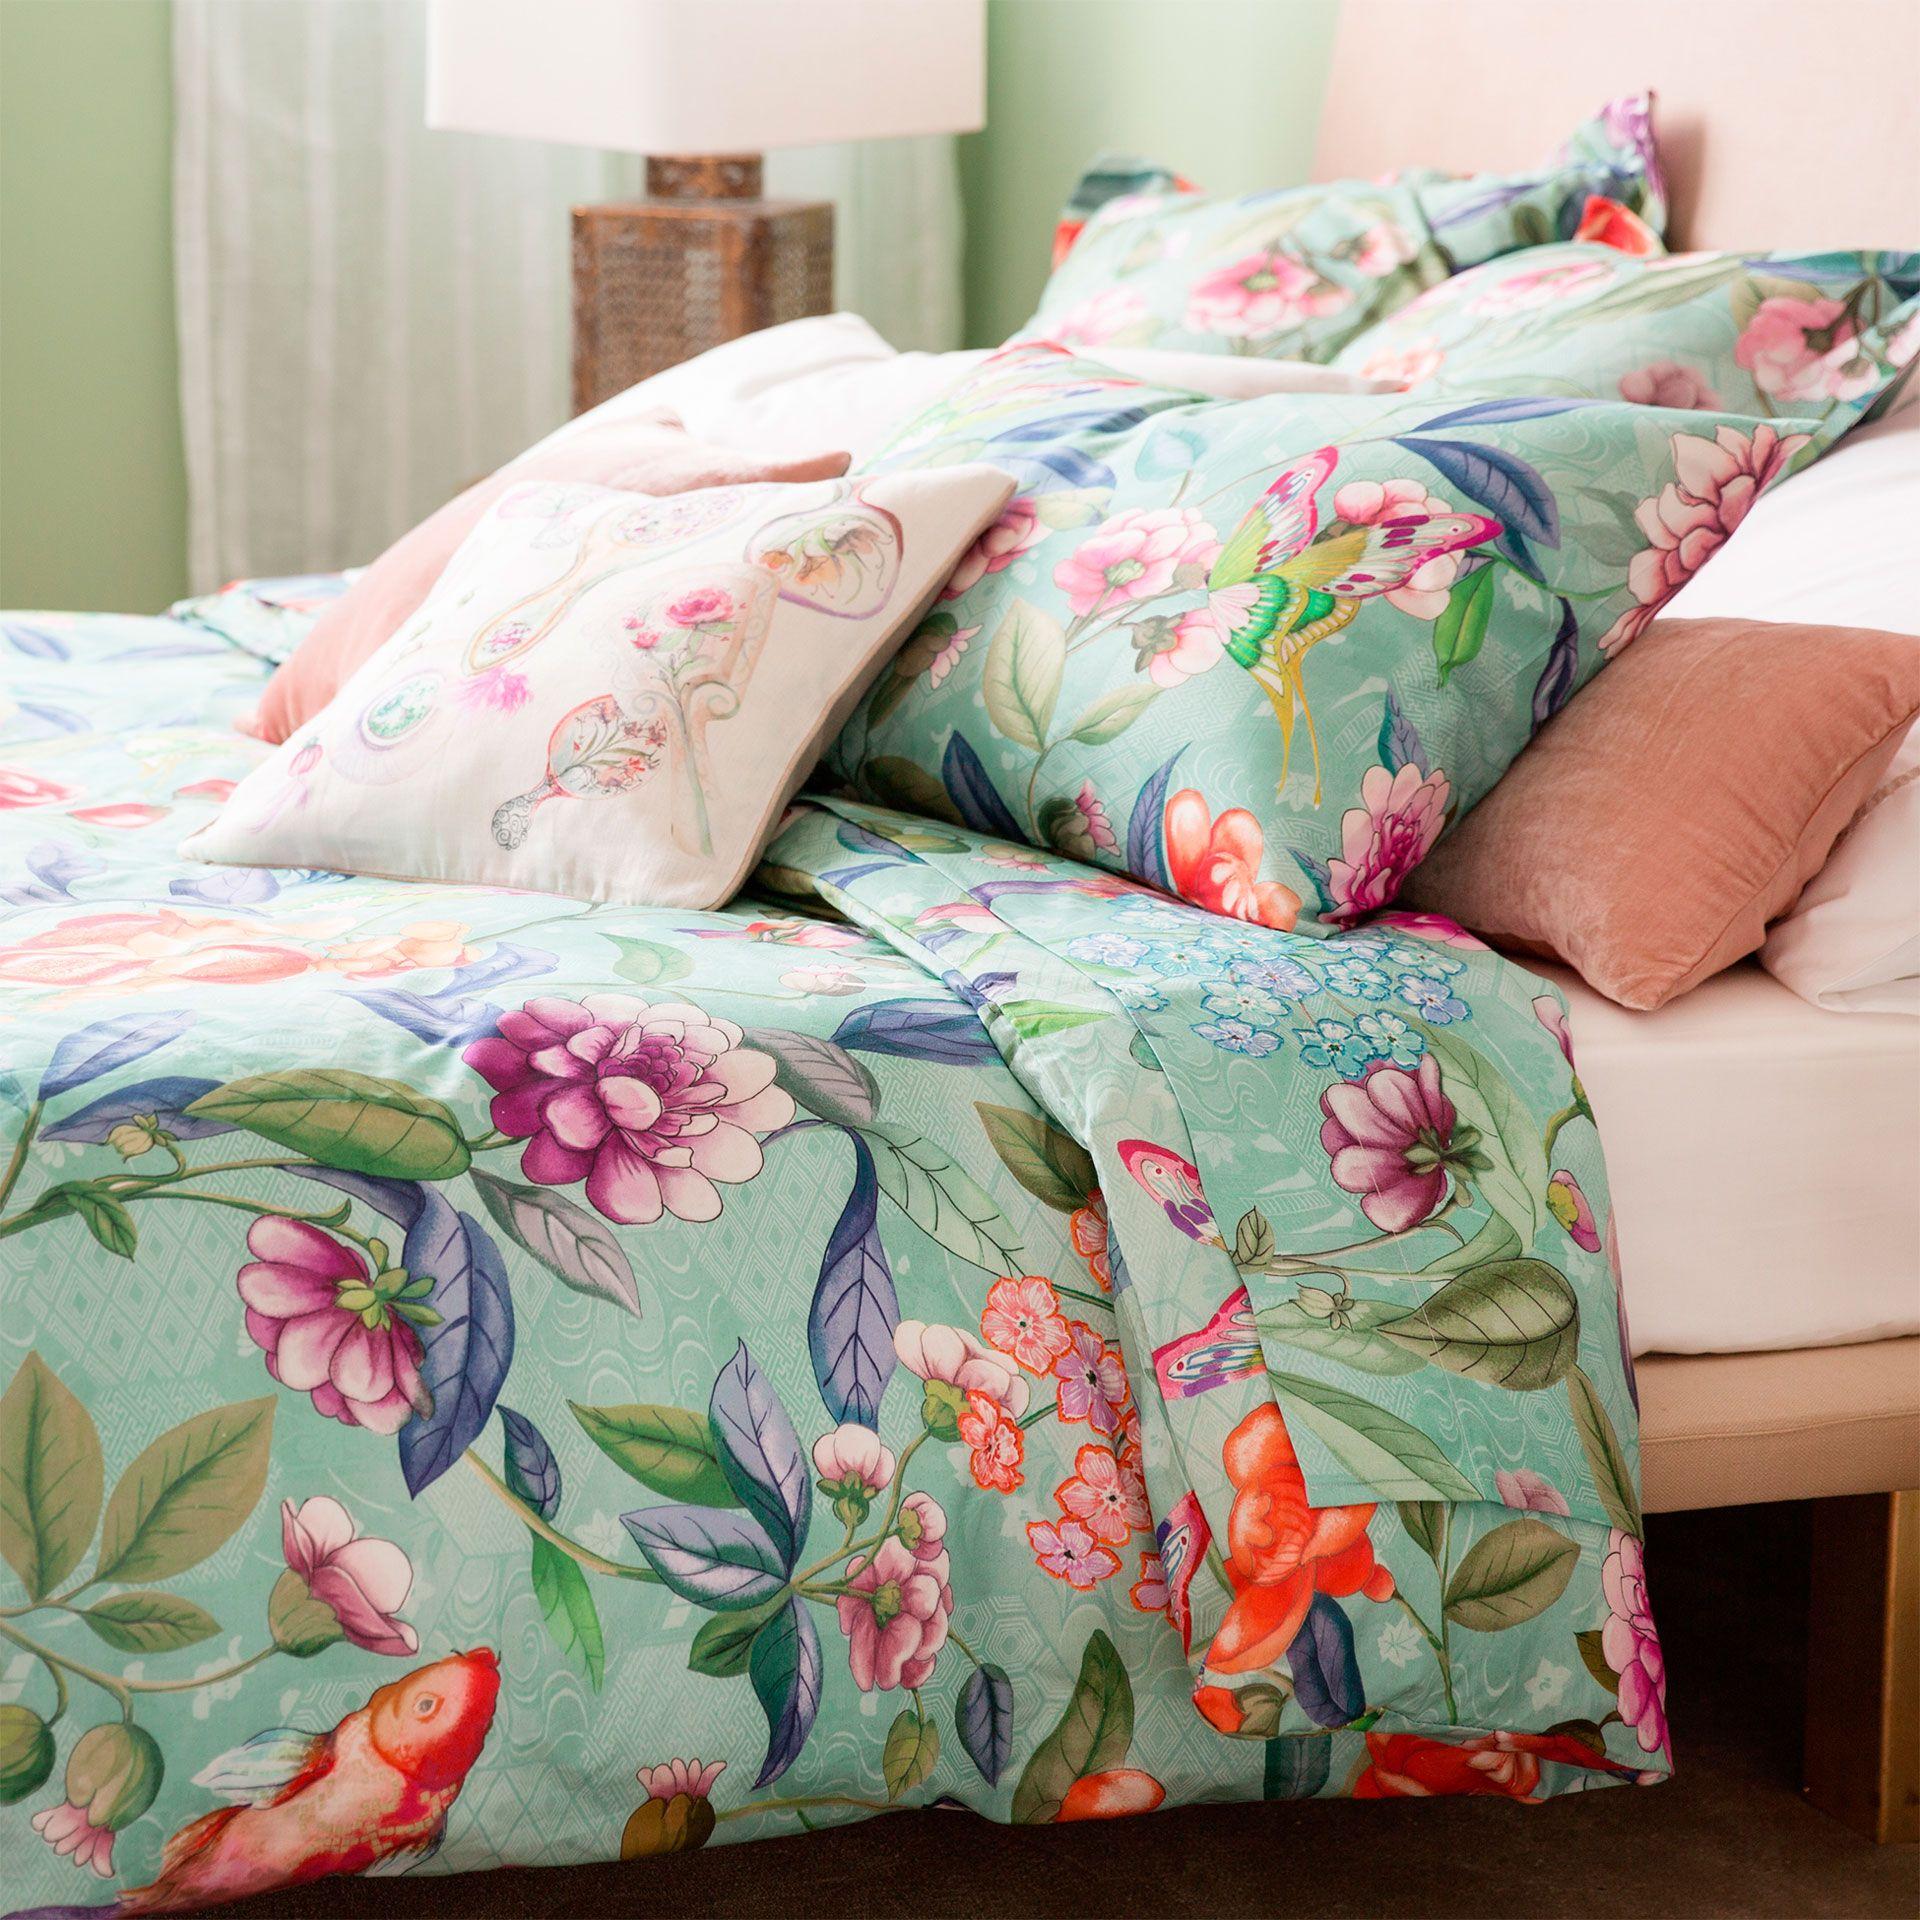 Bettwäsche mit Blumenprint - Bettwäsche - Schlafen   Zara ...